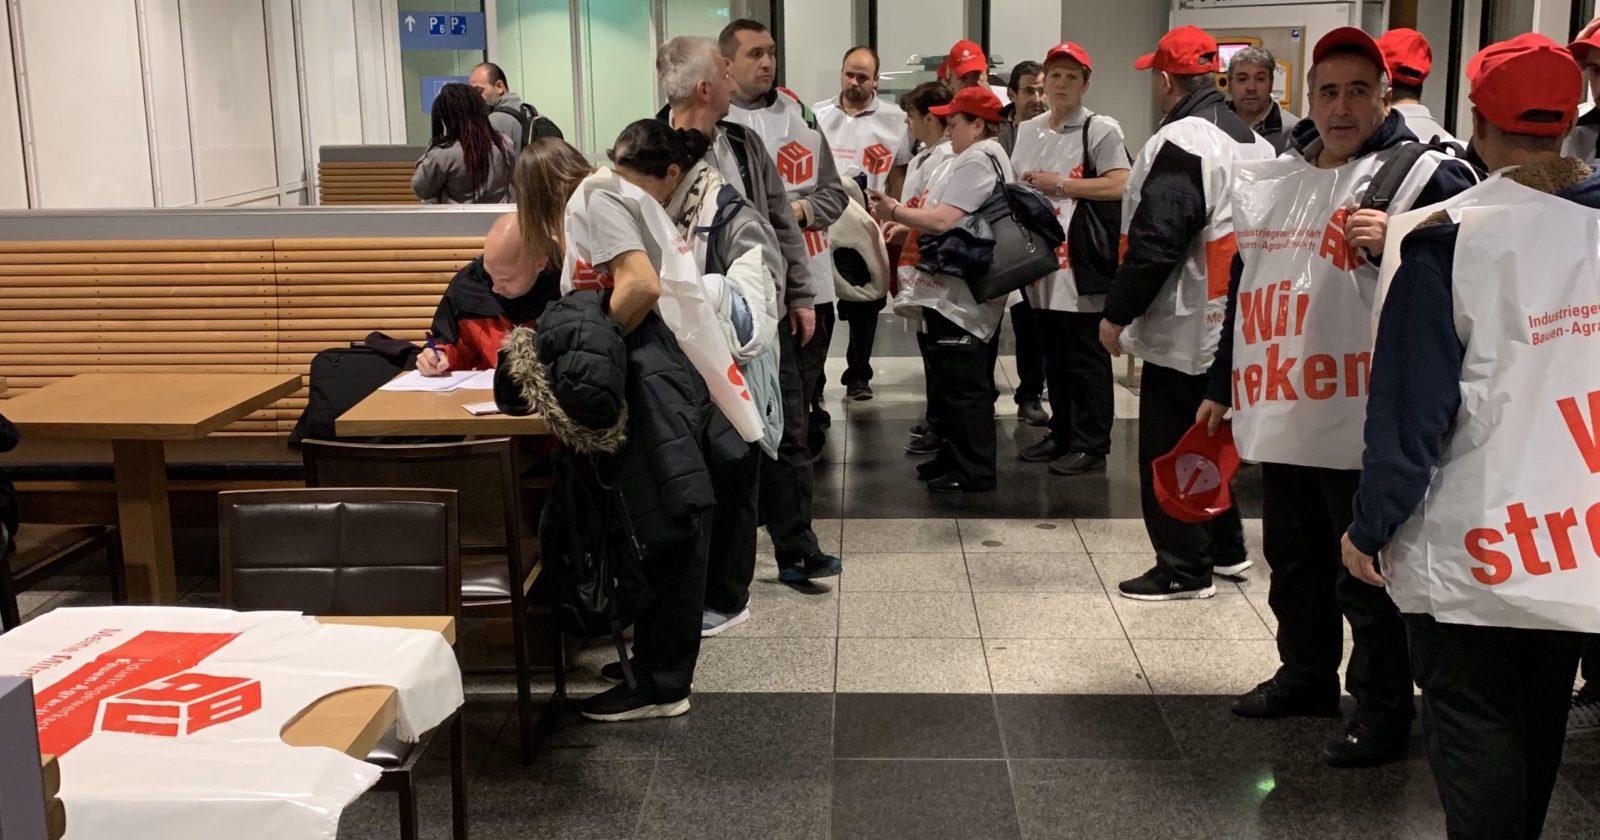 Warnstreik in Bayern begonnen - Nachtschicht von Sasse Aviation am Flughafen München streikt